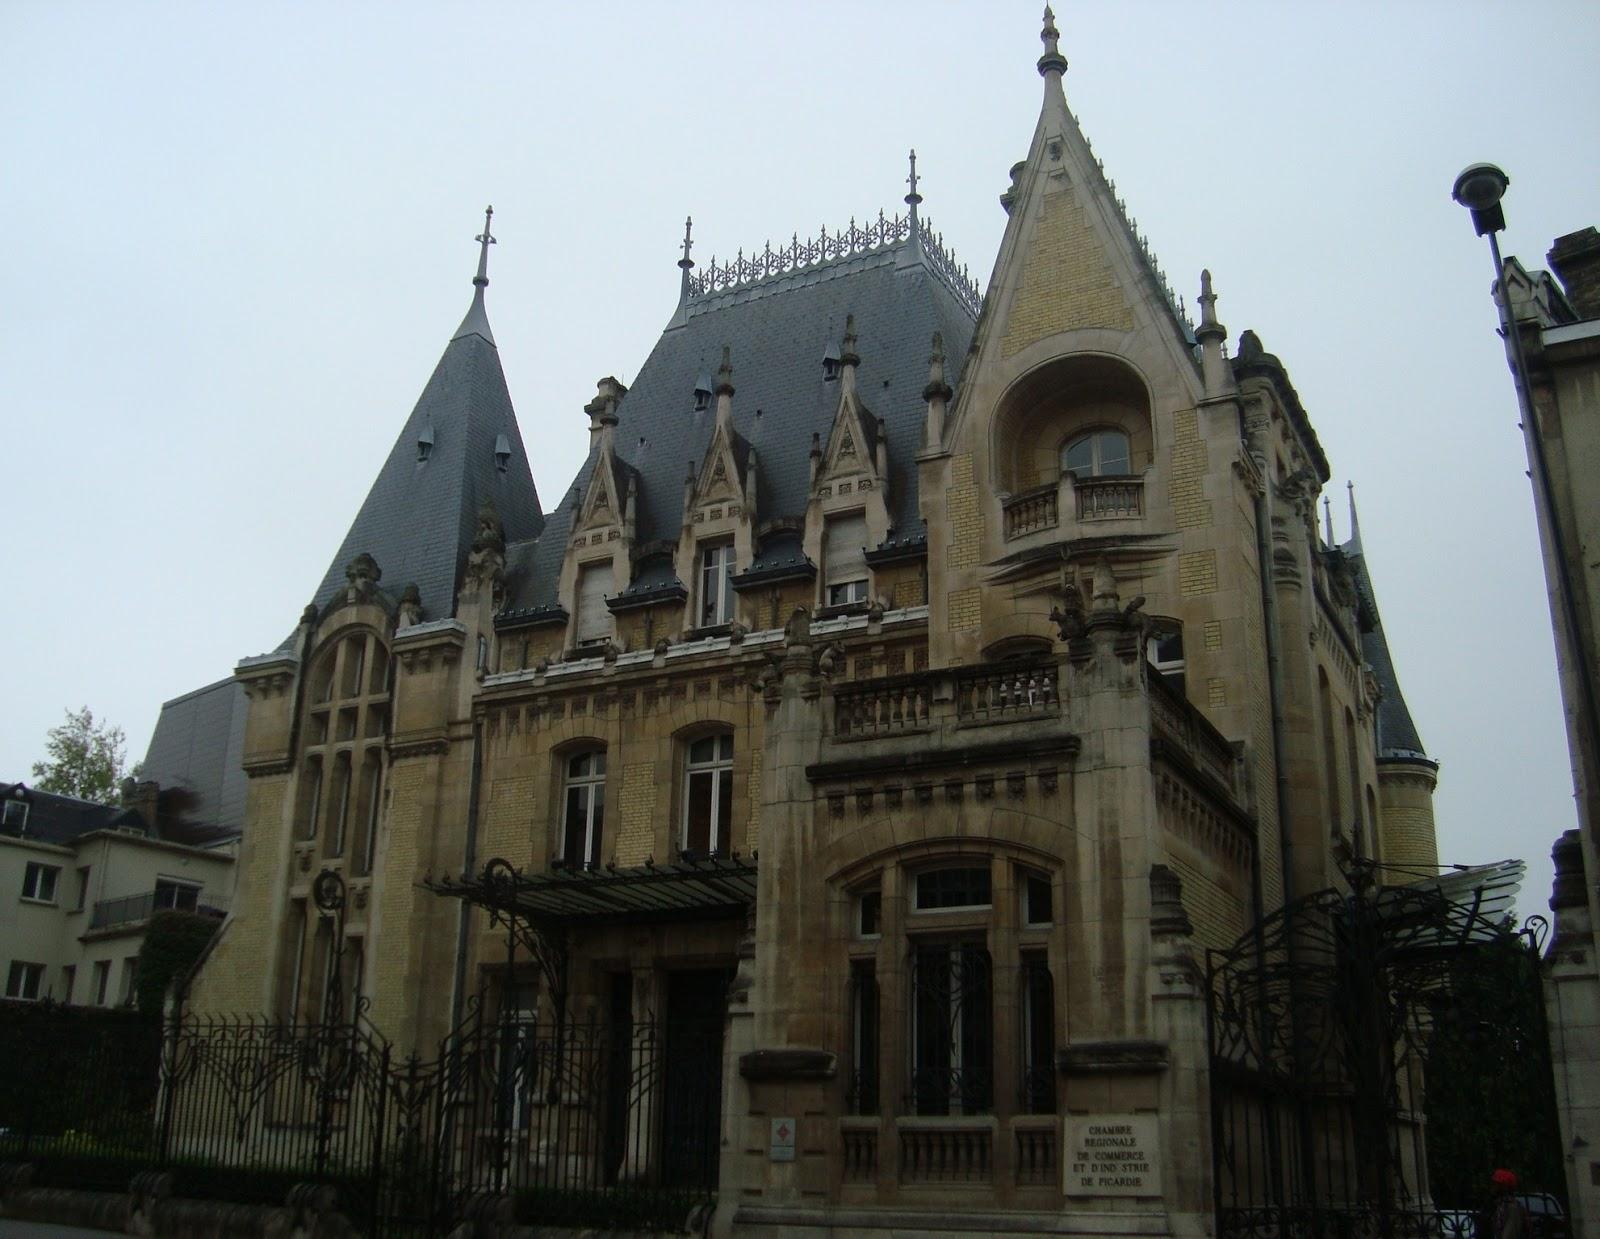 Paseos art nouveau h tel bouctot vagniez architecte for Architecture neo gothique